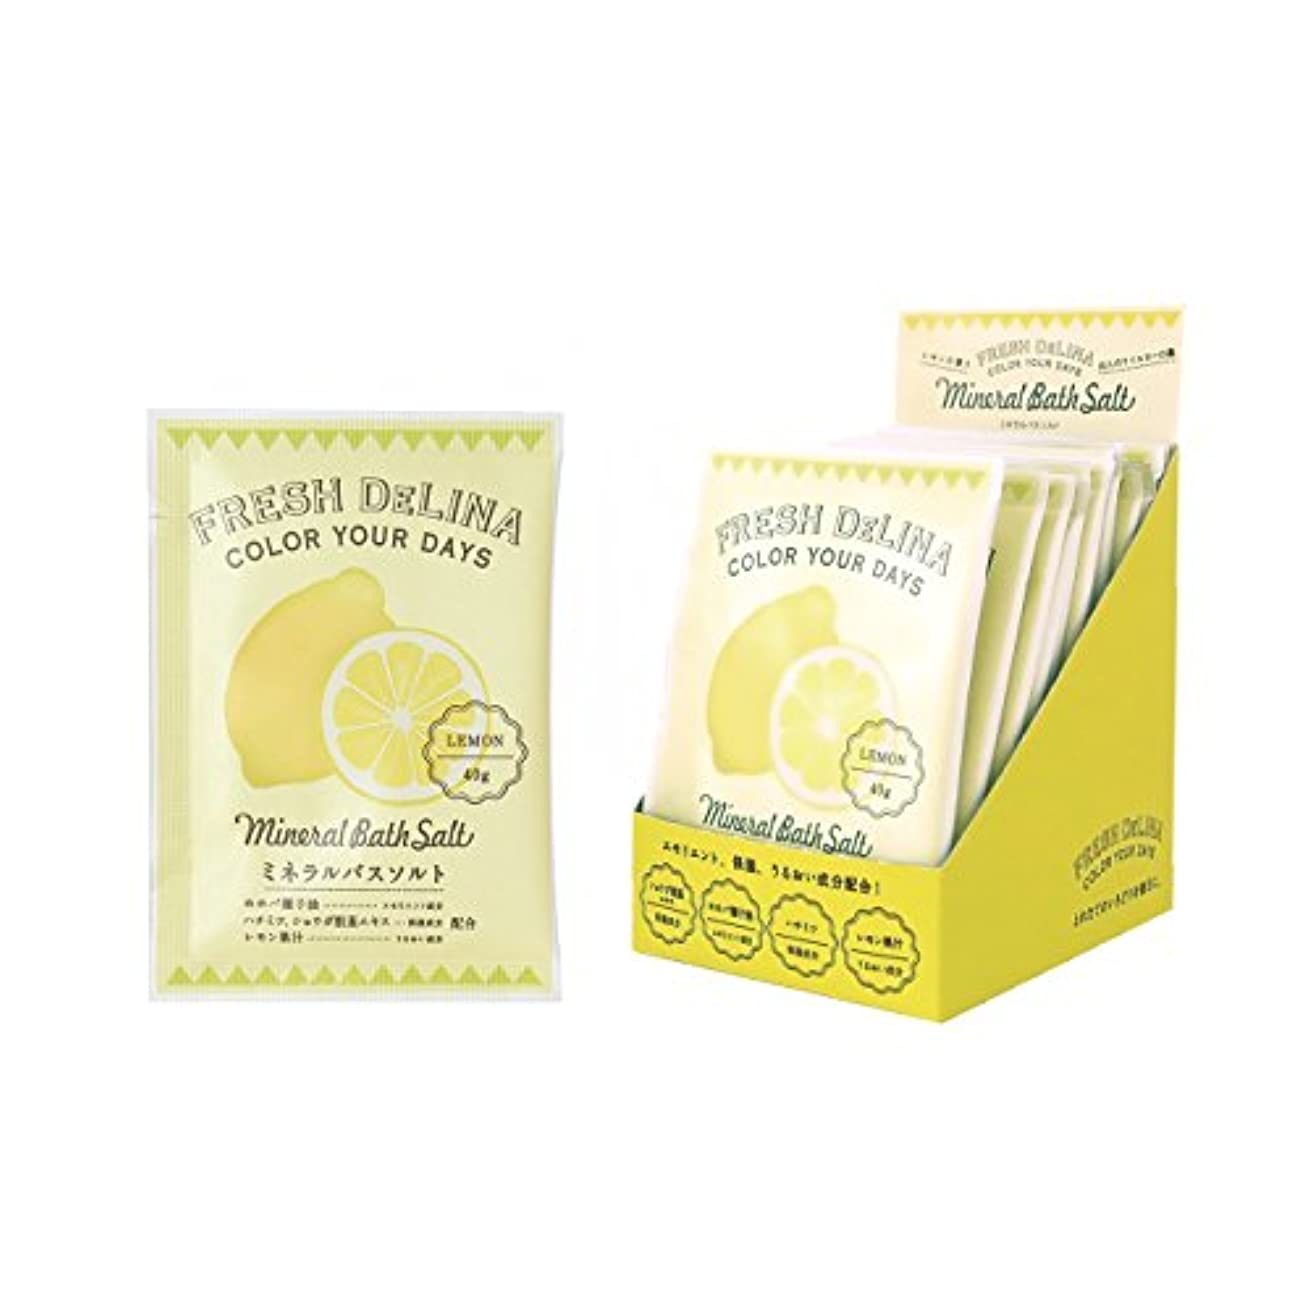 養うレバー地図フレッシュデリーナ ミネラルバスソルト40g(レモン) 12個 (海塩タイプ入浴料 日本製 どこかなつかしいフレッシュなレモンの香り)